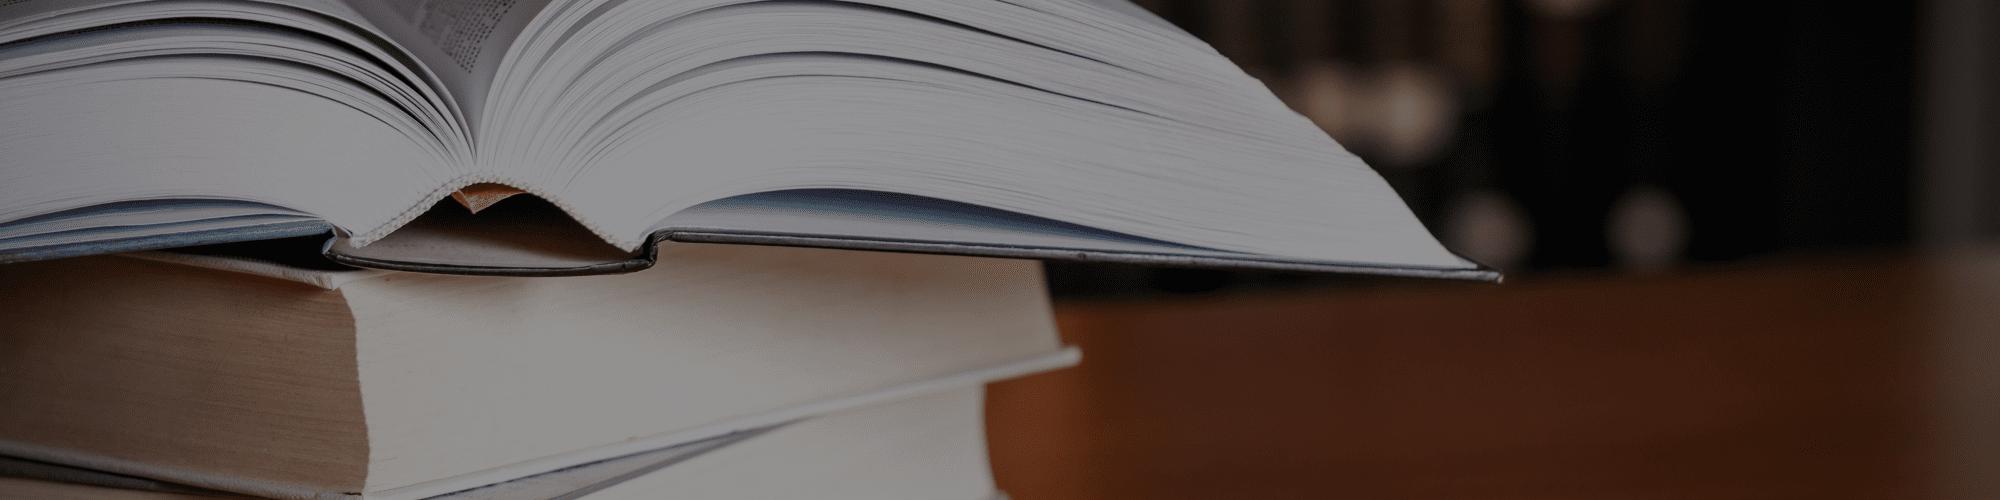 asuntosijoittajan sanakirja